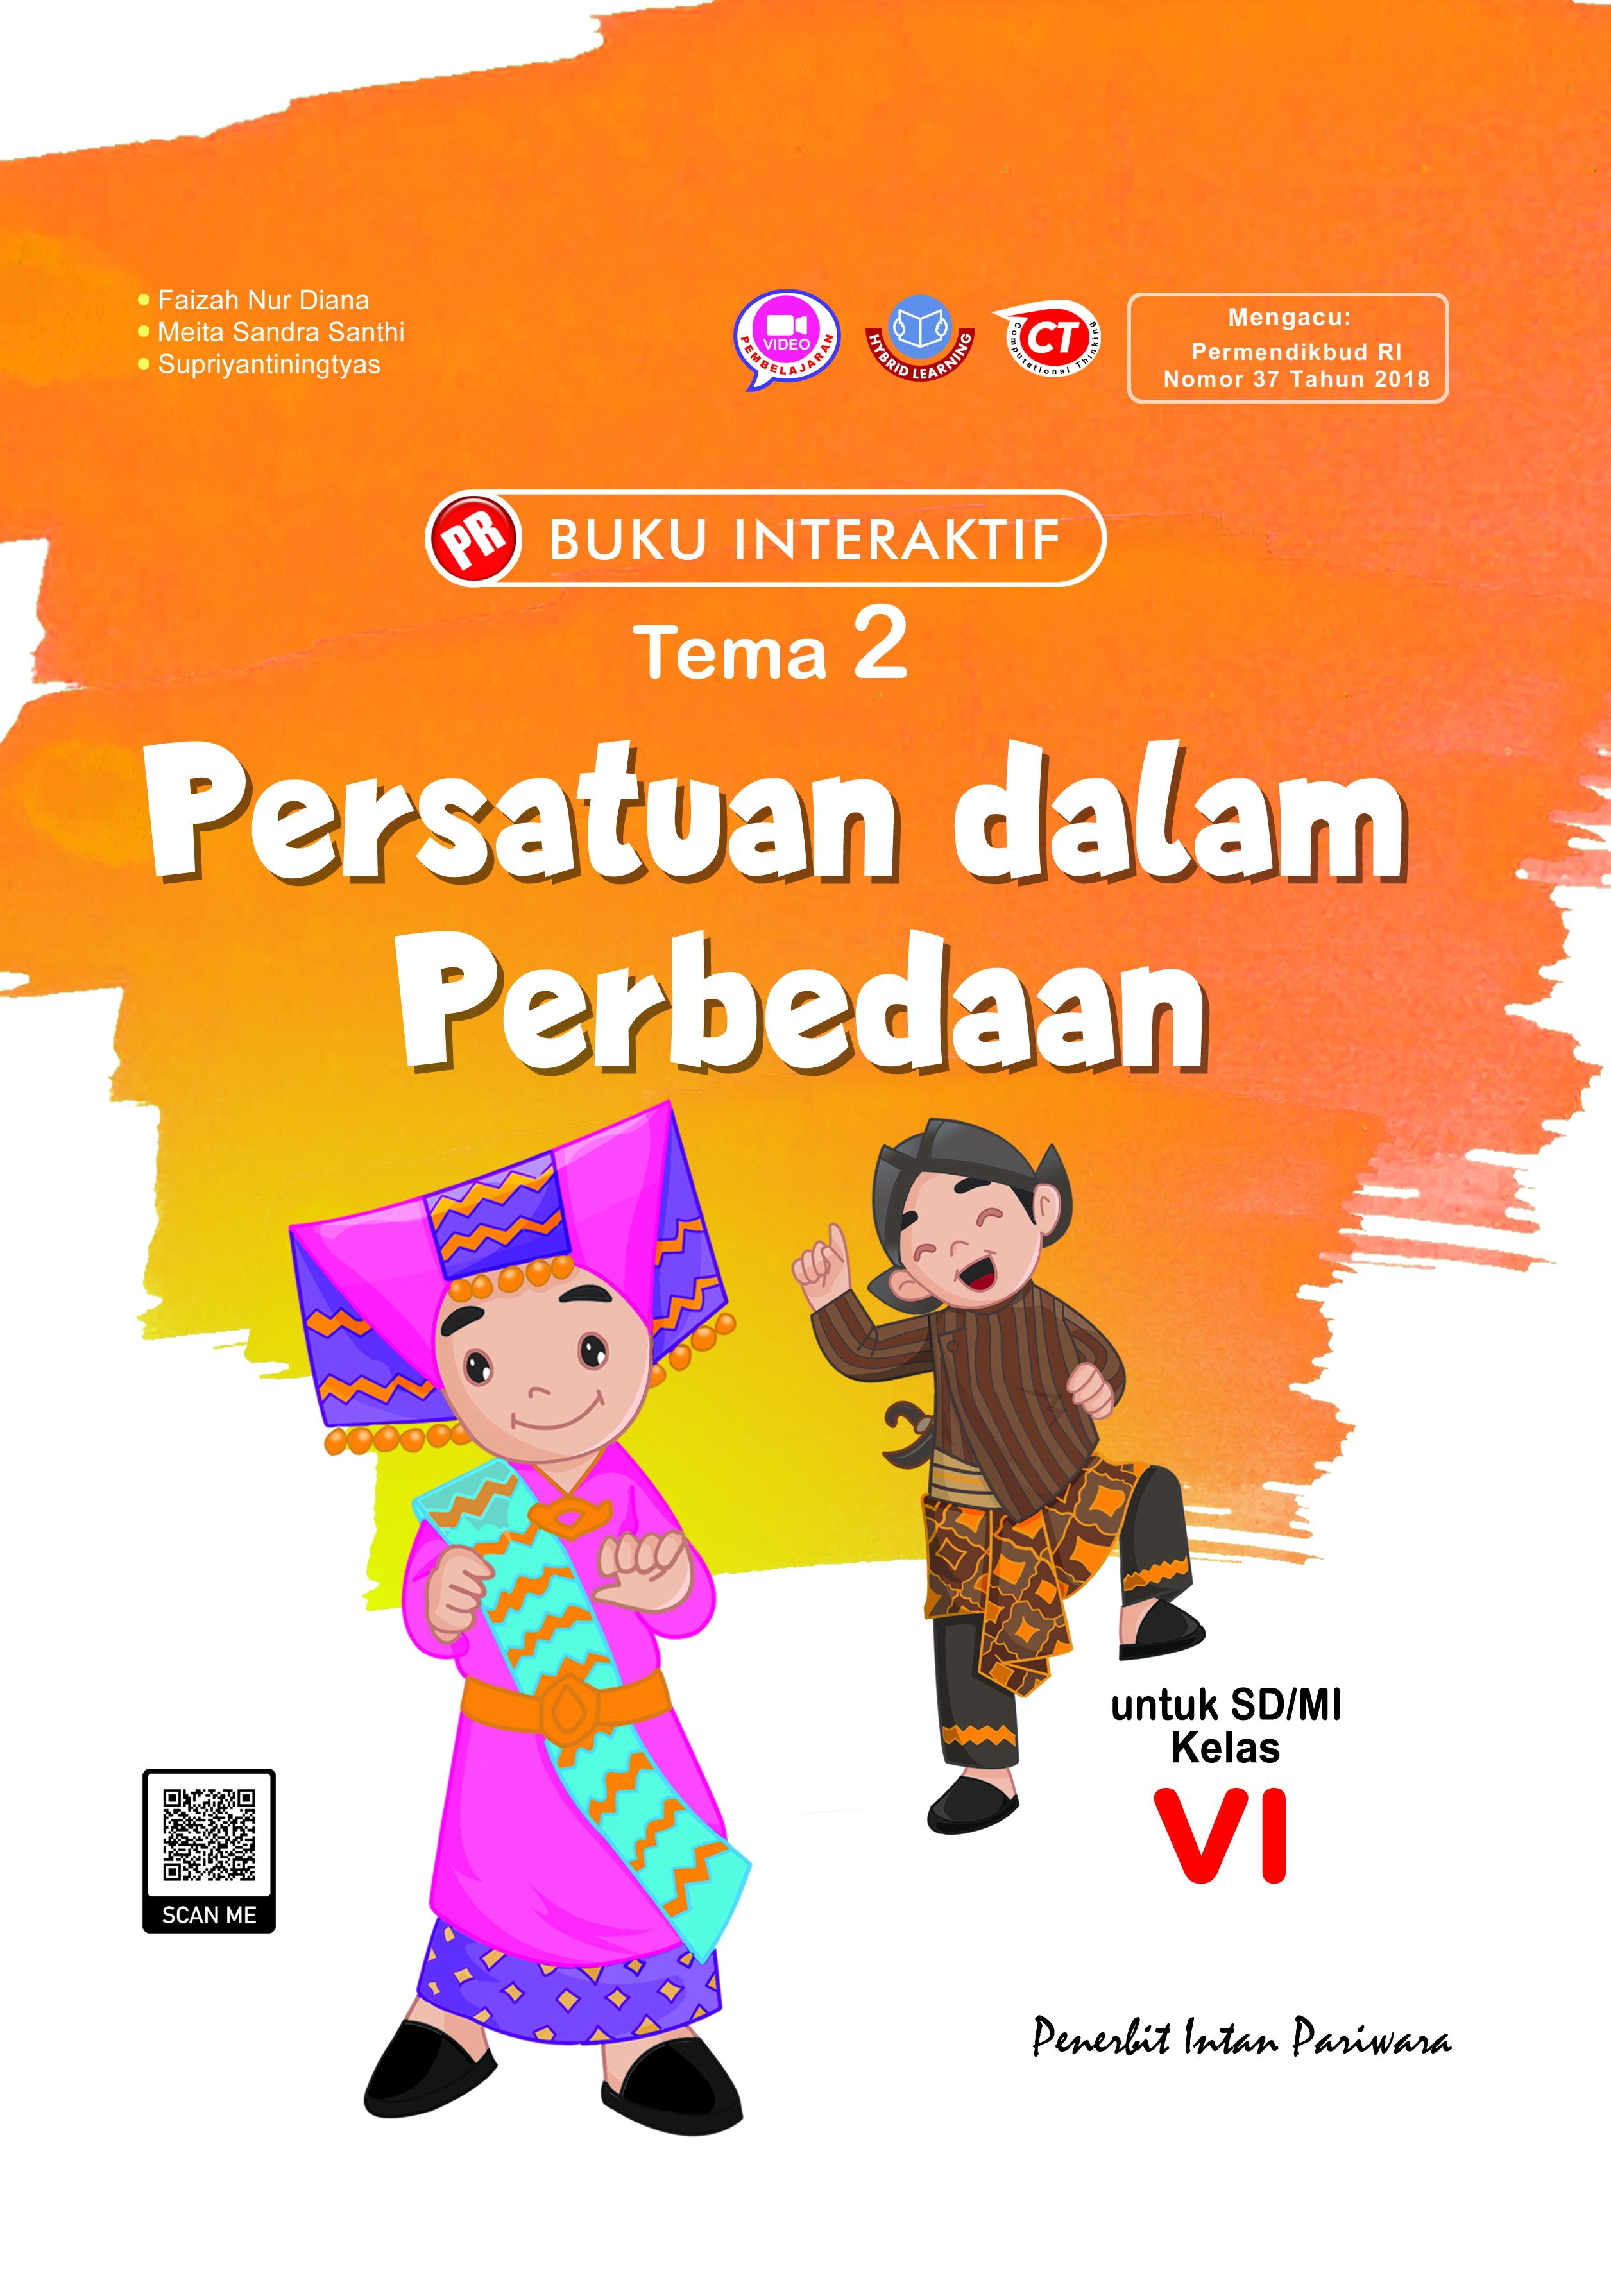 Buku Interaktif: Kelas VI Tema 2 Persatuan dalam Perbedaan